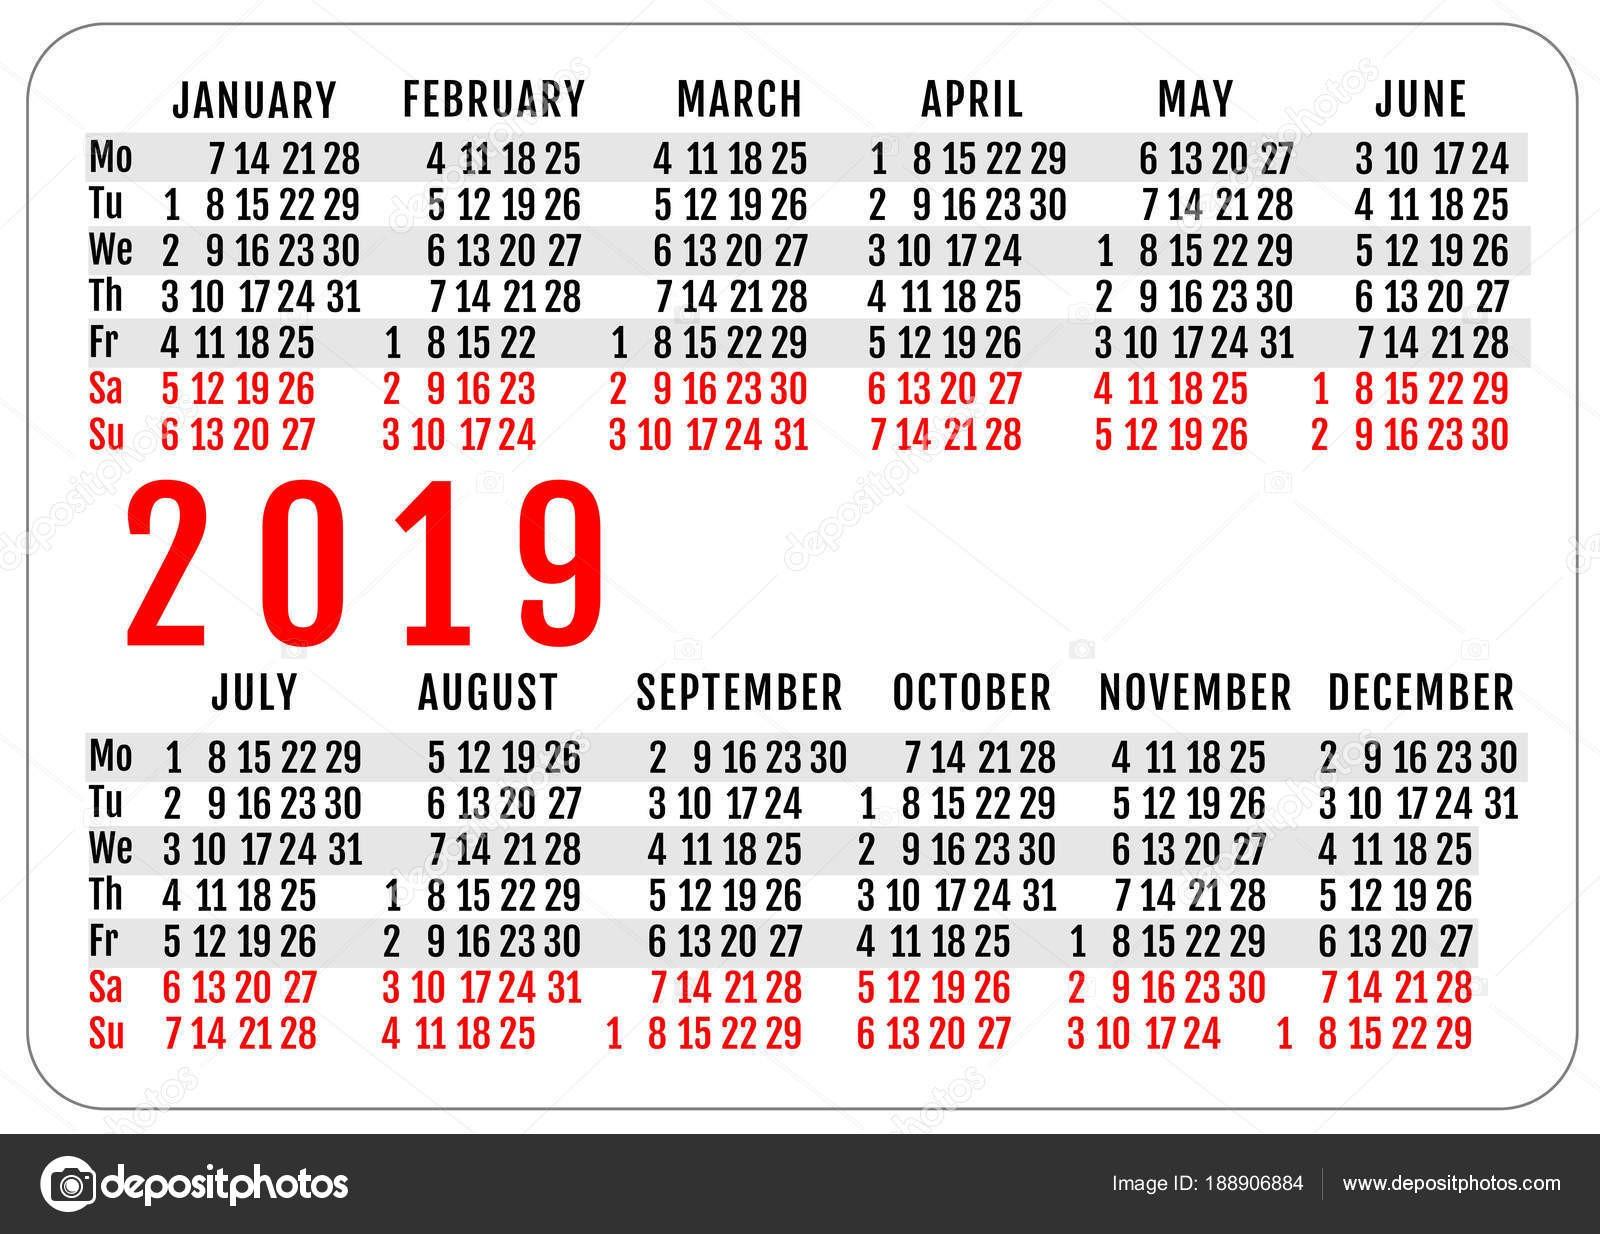 Imprimir Calendario 2019 De Bolsillo Recientes Maqueta De Plantilla De Cuadrcula De 2019 Bolsillo Horizontal Of Imprimir Calendario 2019 De Bolsillo Actual C³mo Hacer Un Calendario 2018 En Excel